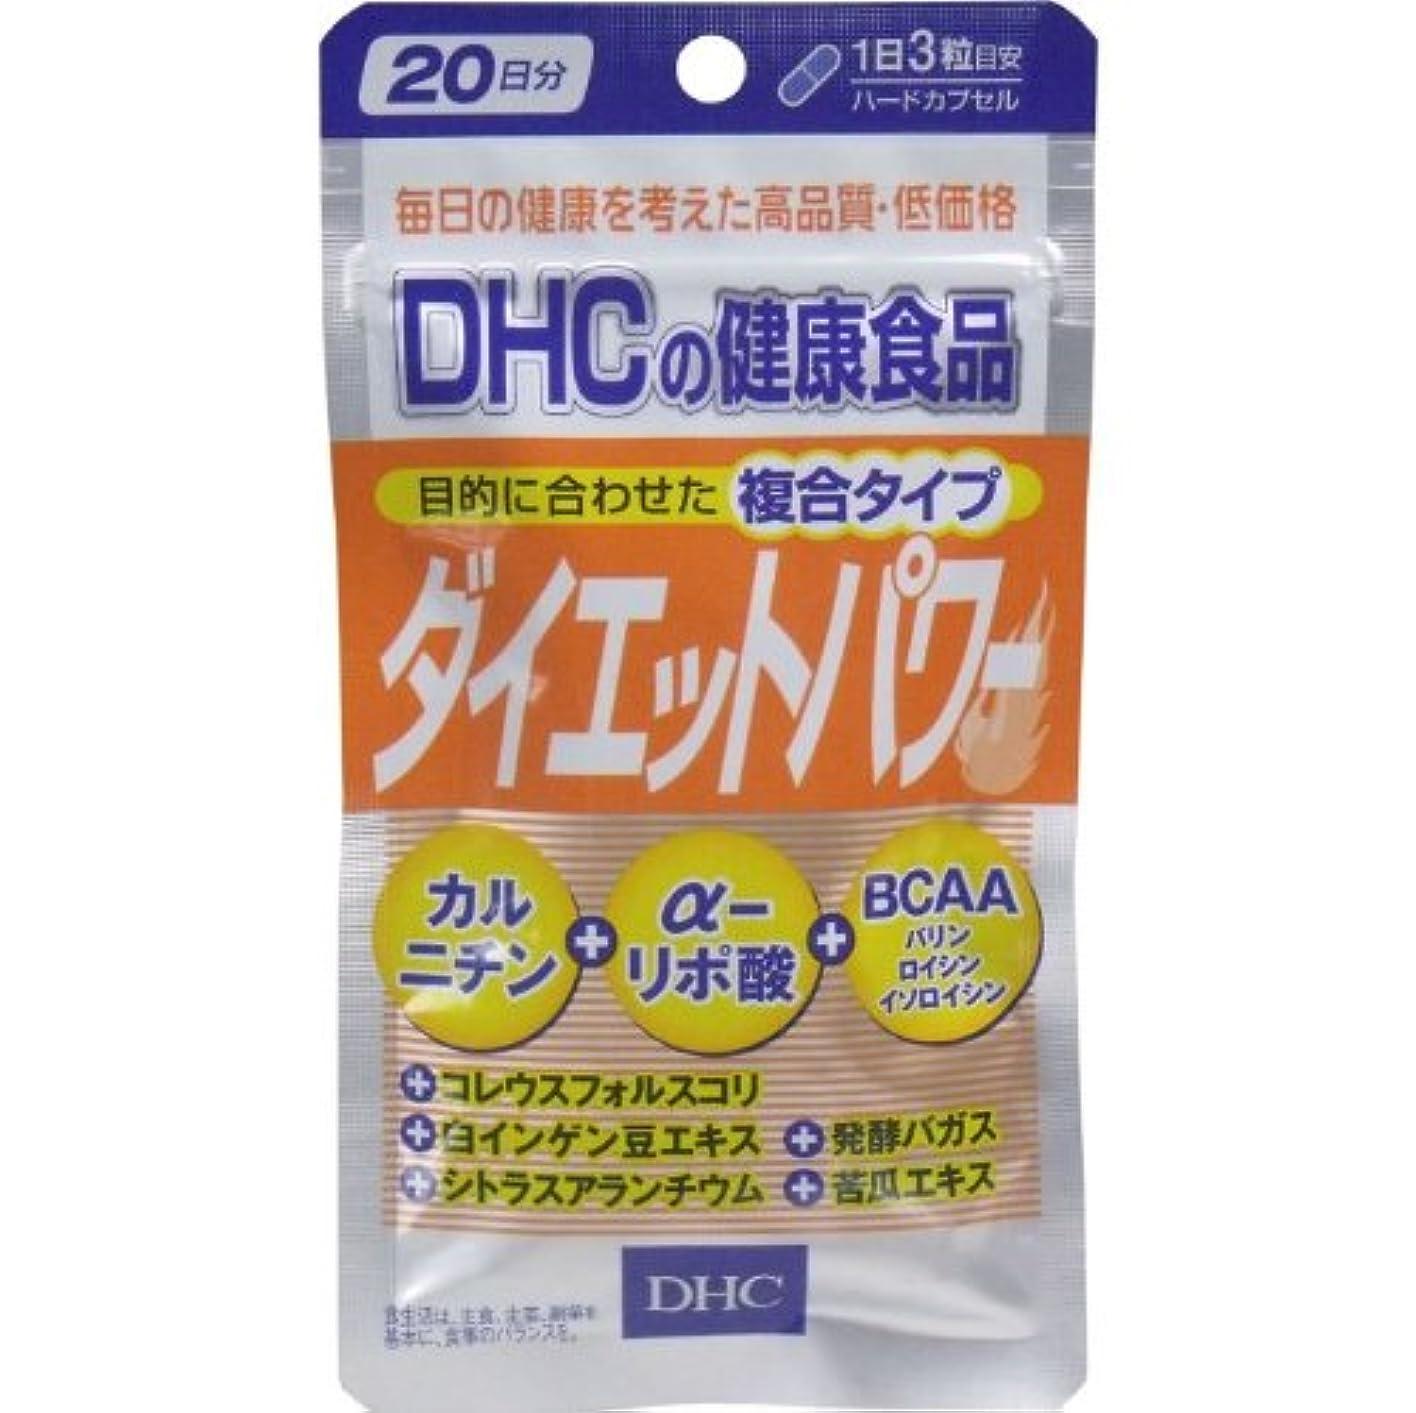 費やすオフセット論理的DHC ダイエットパワー 60粒入 20日分【4個セット】